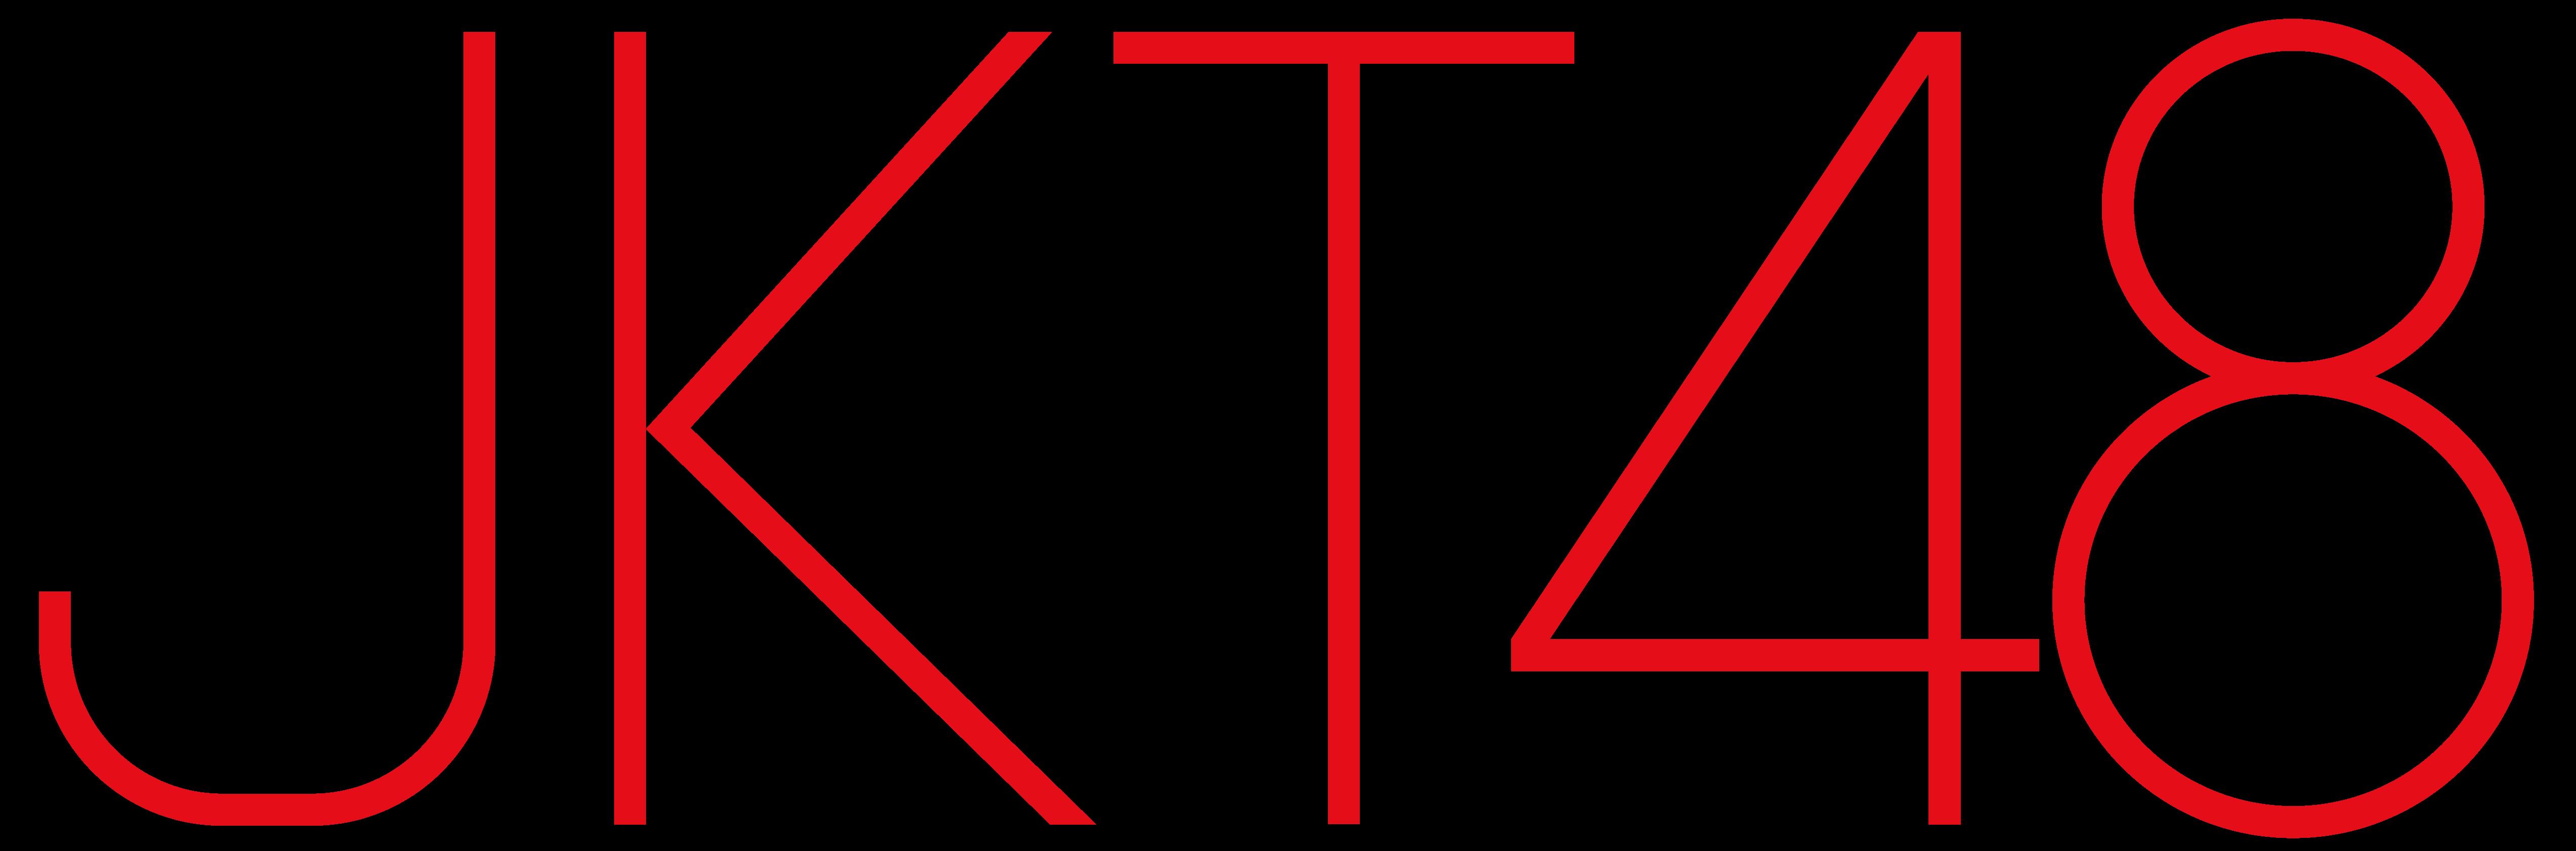 JKT48 Bahasa Indonesia Ensiklopedia Bebas